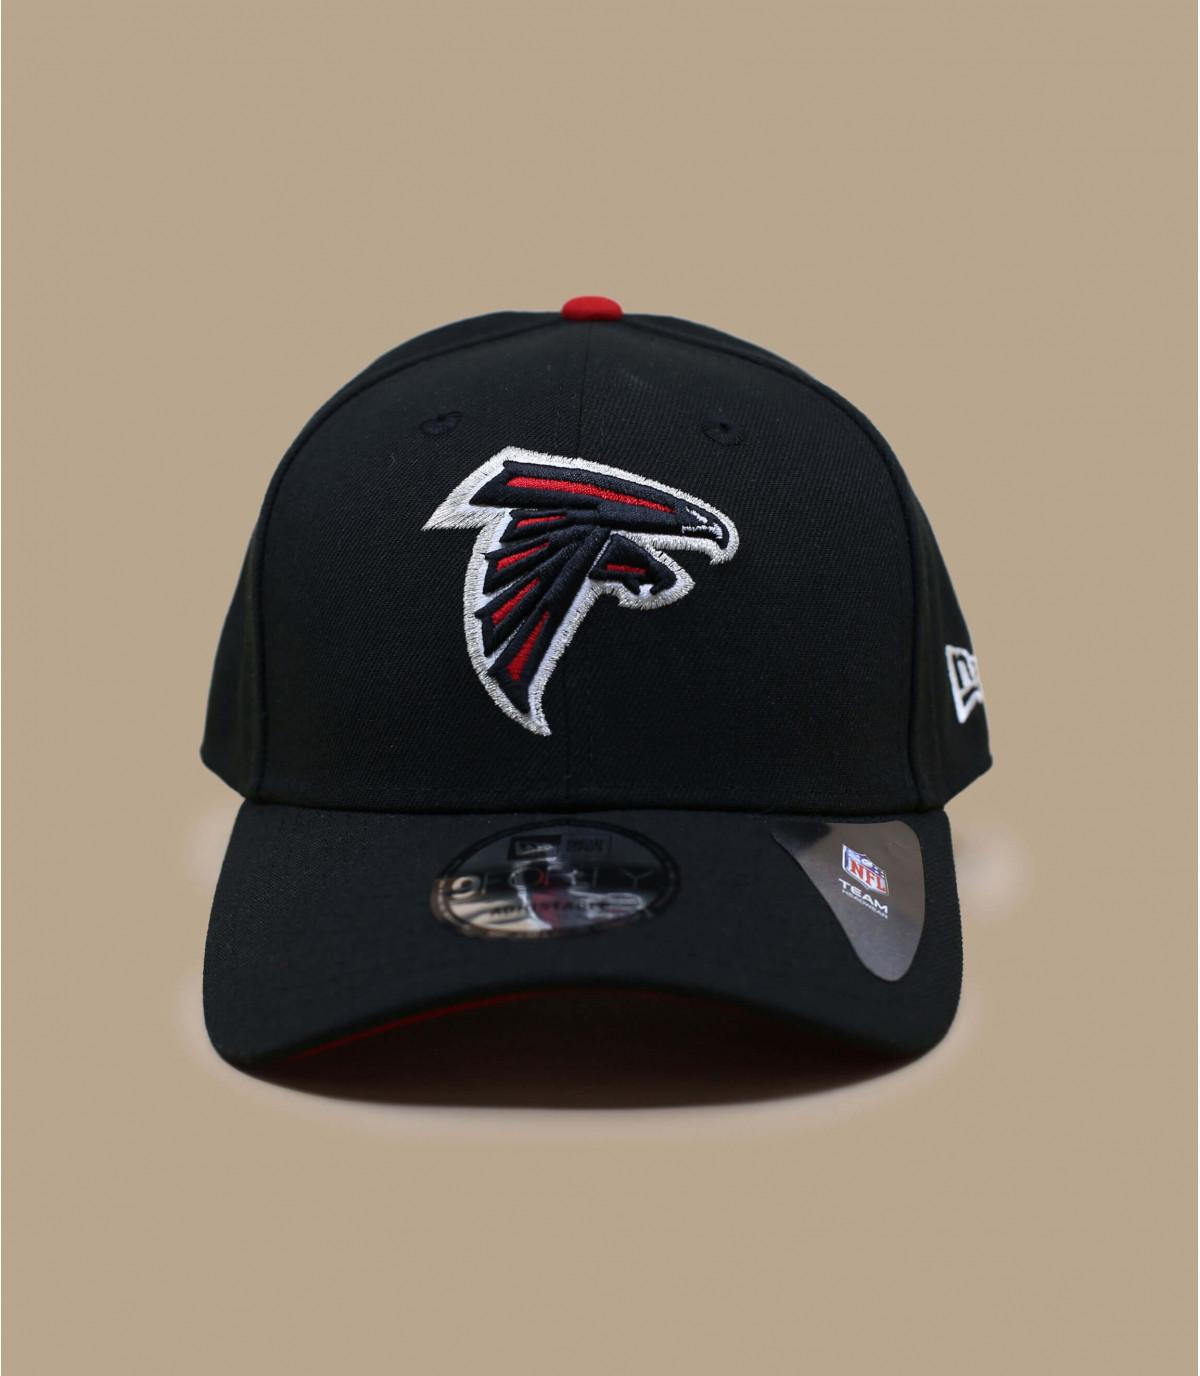 NFL Falcons cap